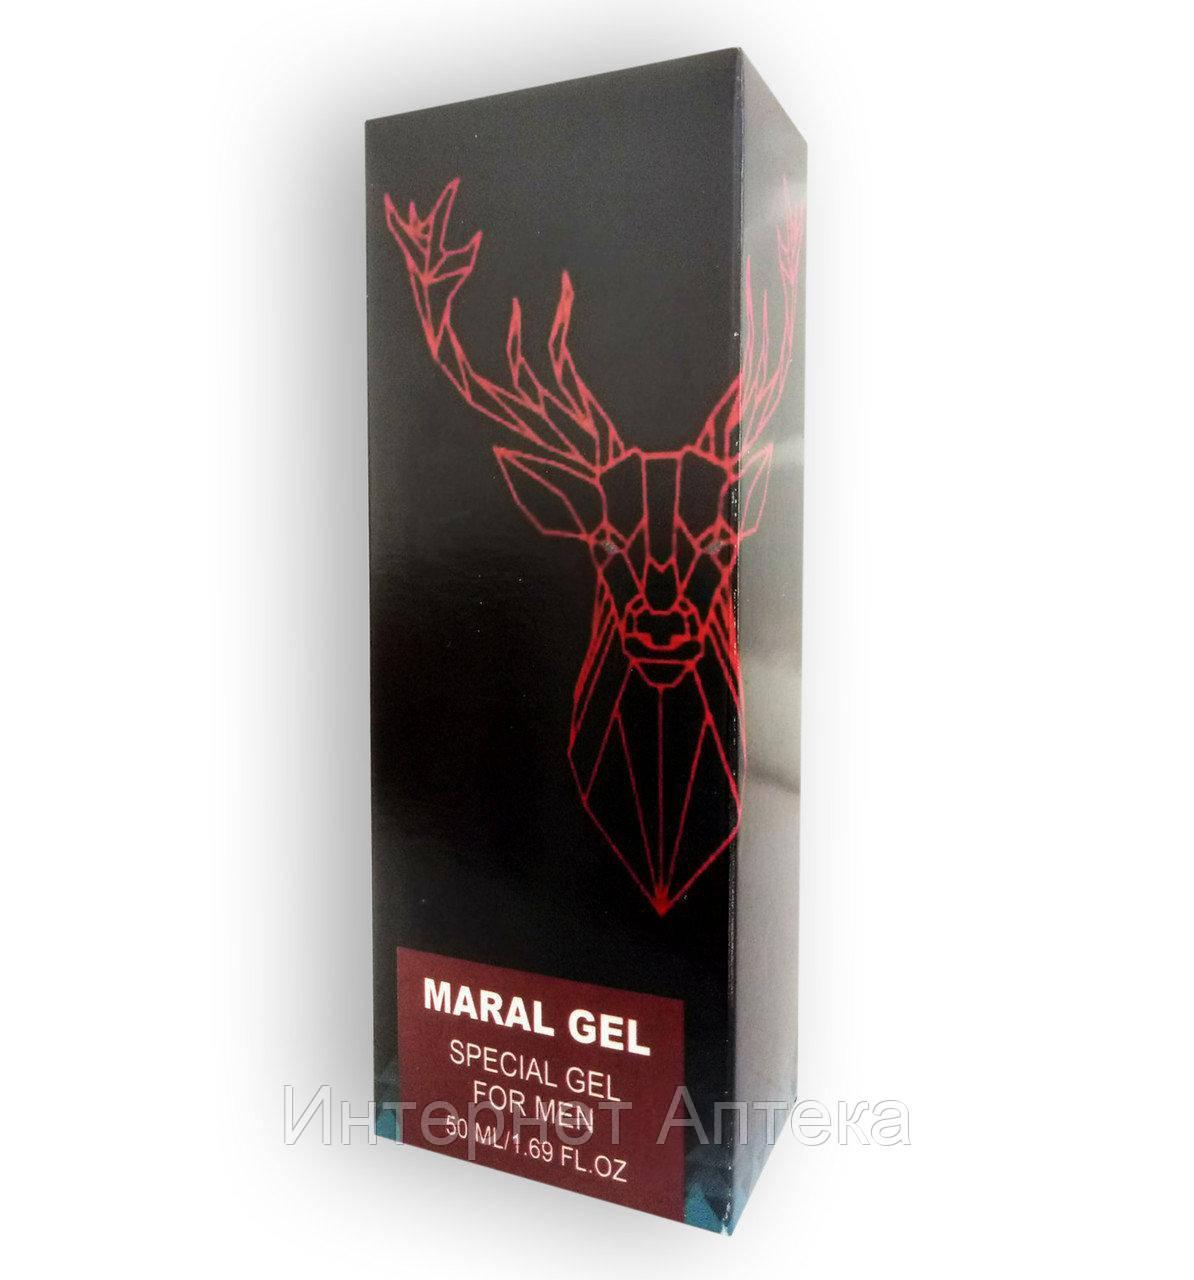 Гель для мужской силы и увеличения члена Maral gel - Марал Гель